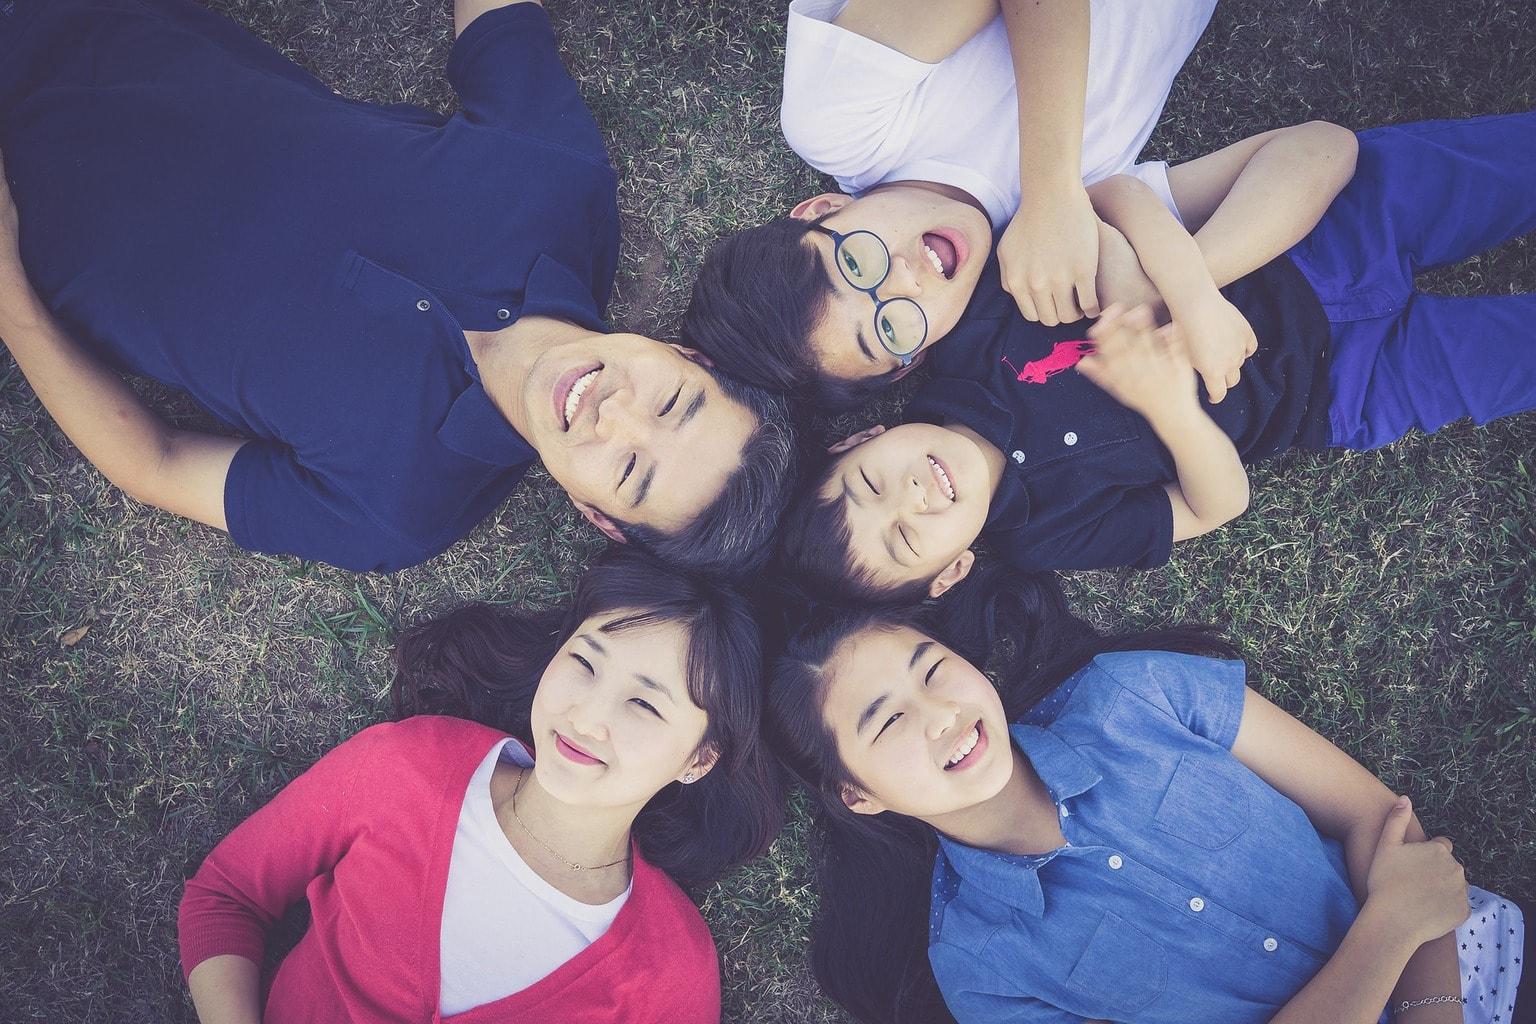 fotografía de una familia desde arriba